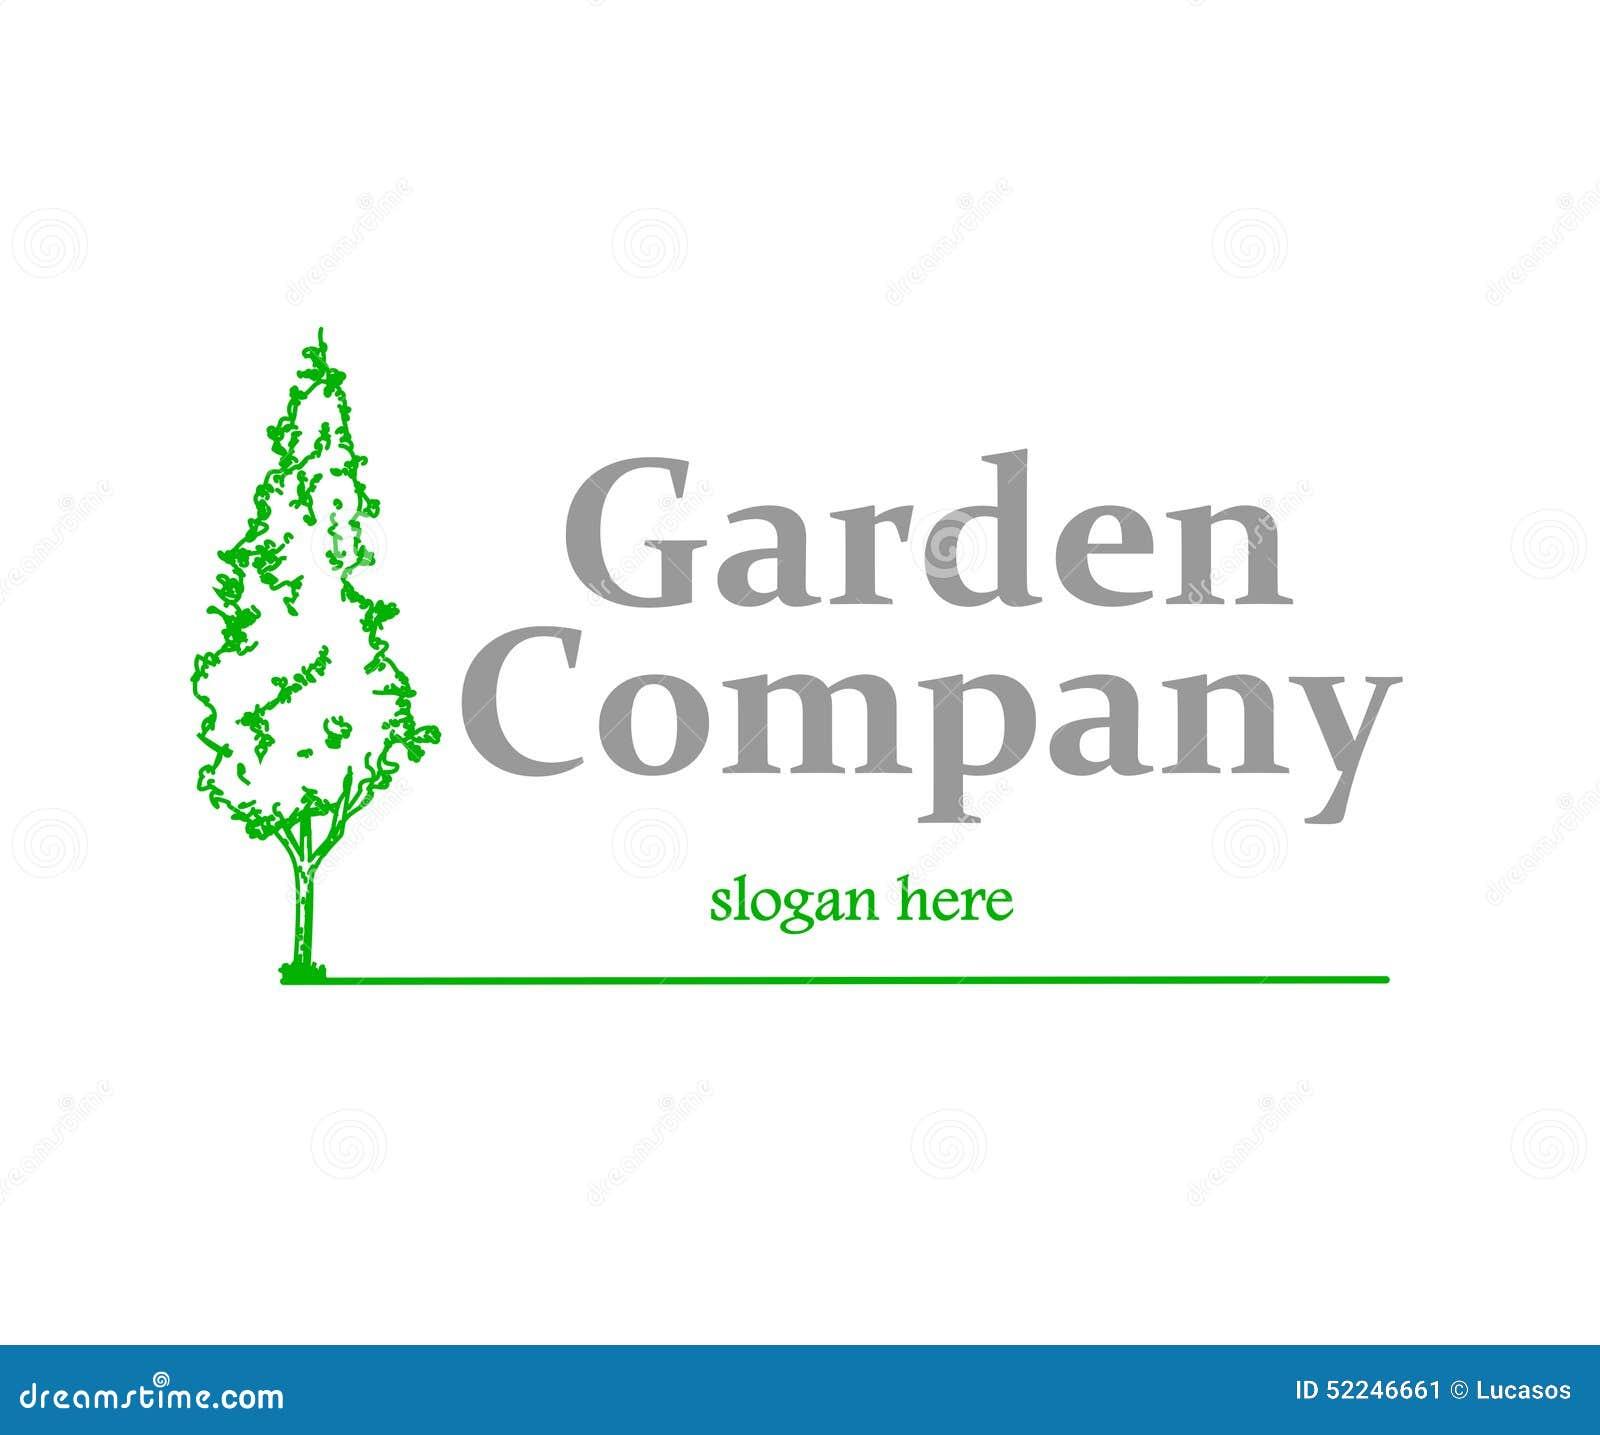 Garden Company Logo Stock Vector Image 52246661